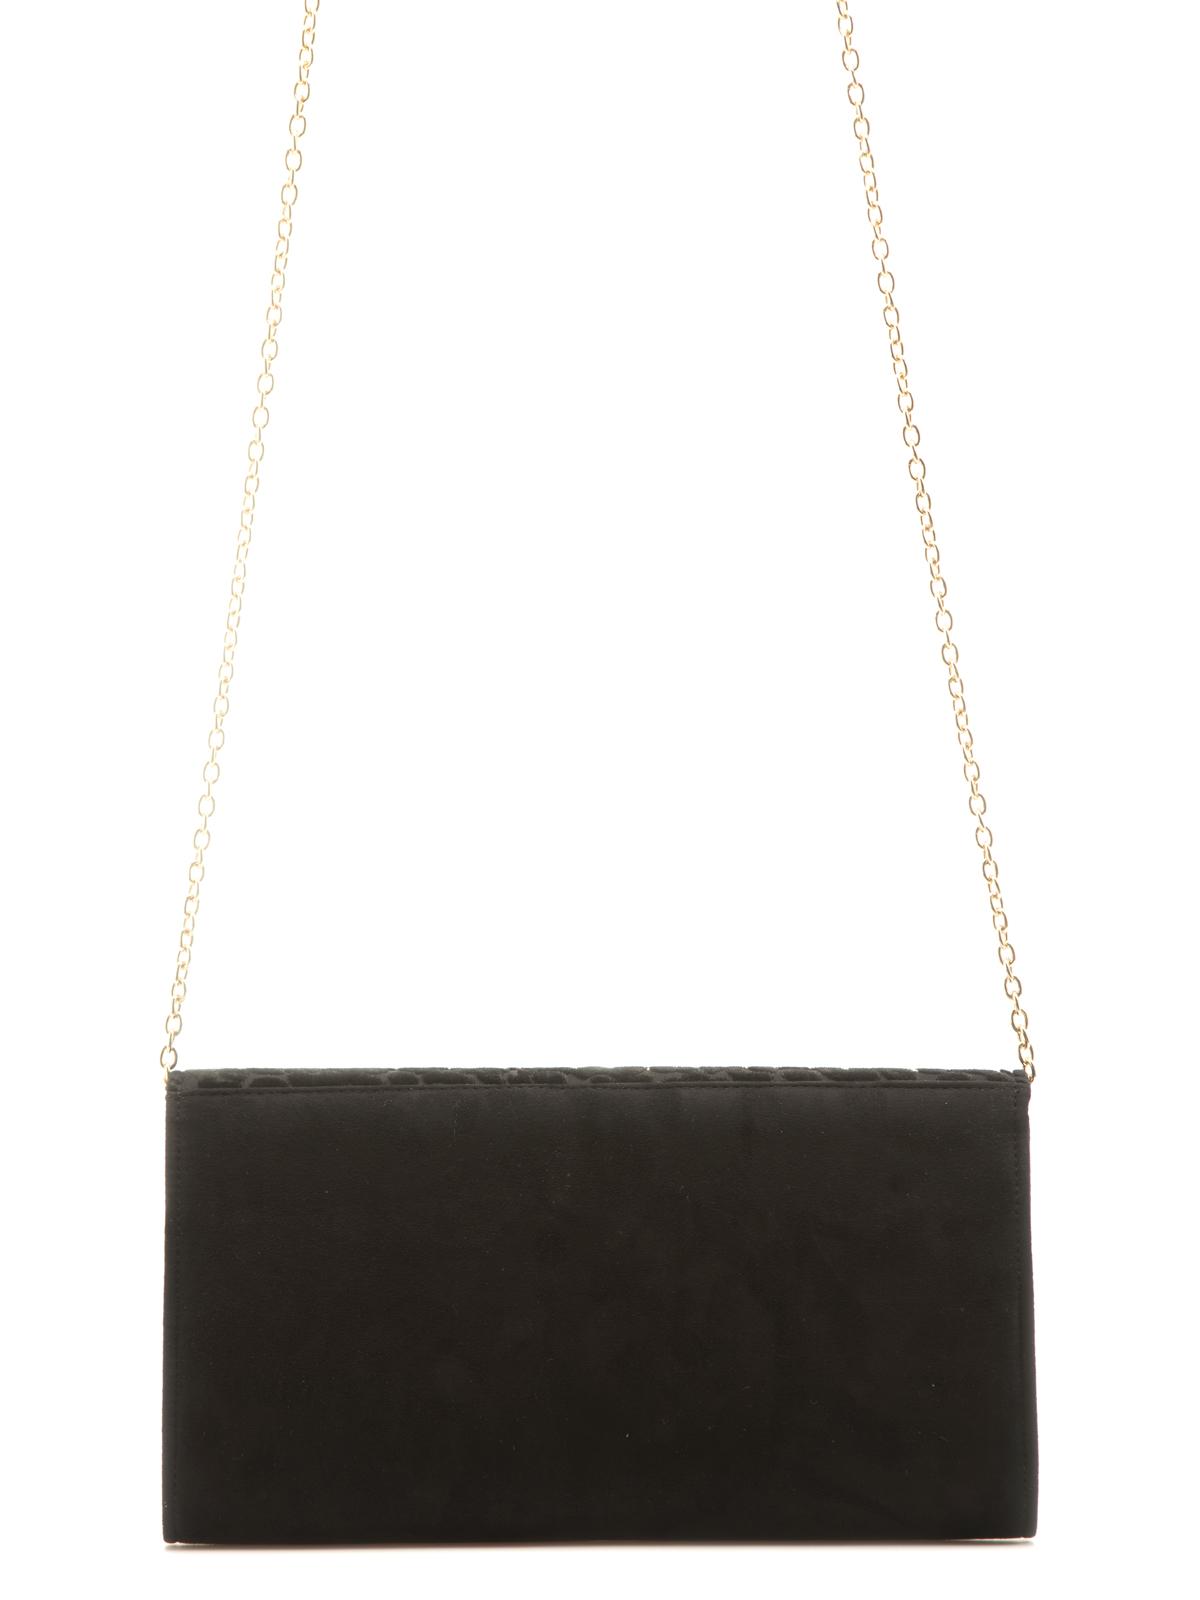 Сумка Eleganzza Клатч из бархата черного цвета на цепочке